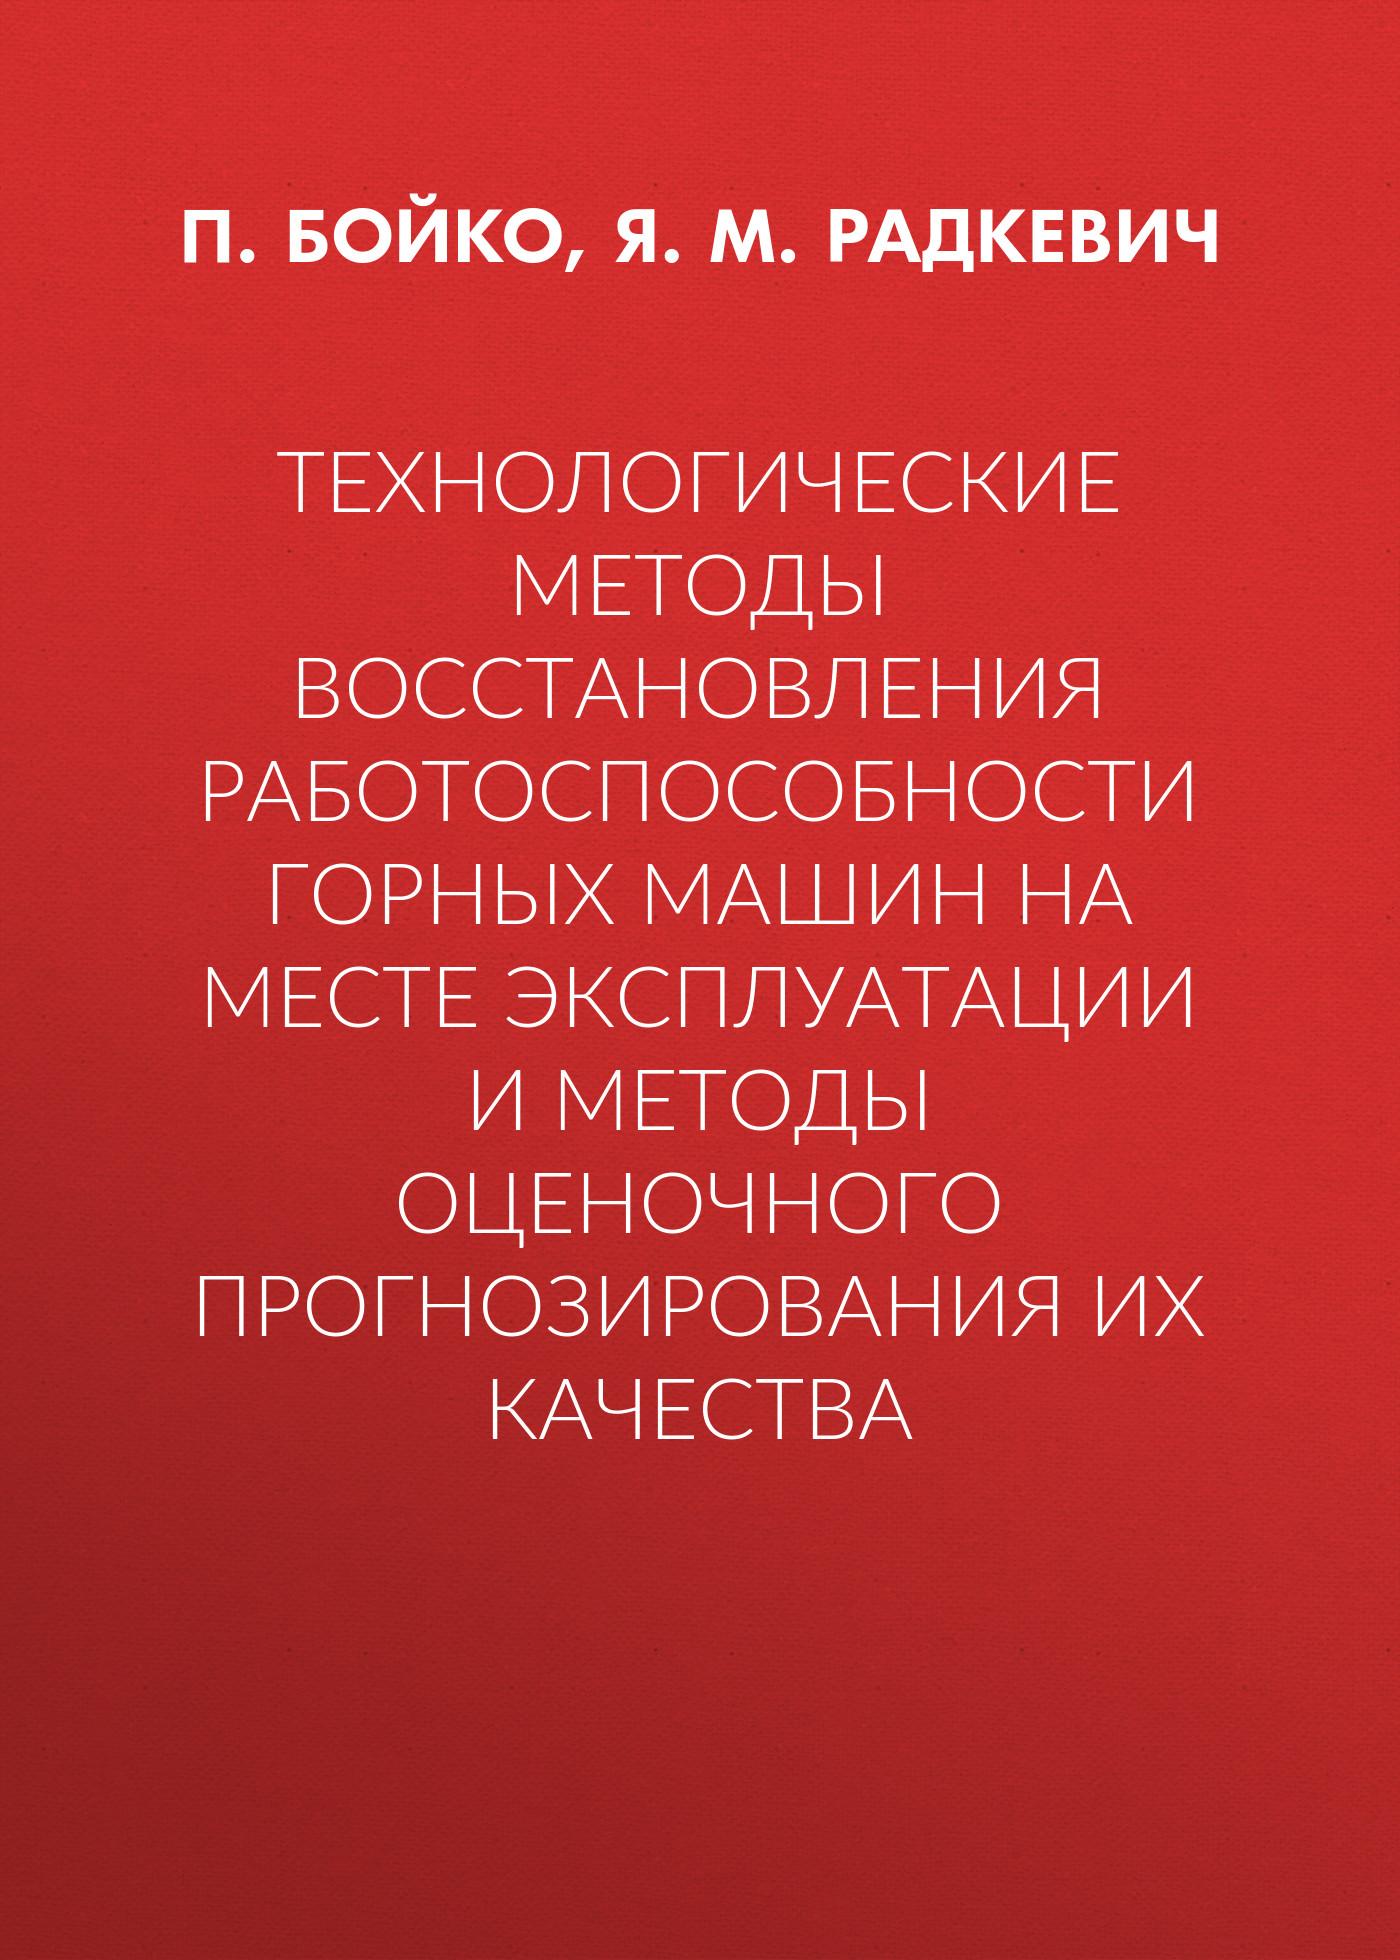 Я. М. Радкевич Технологические методы восстановления работоспособности горных машин на месте эксплуатации и методы оценочного прогнозирования их качества андрей молохов сексуальное здоровье мужчины естественные методы восстановления